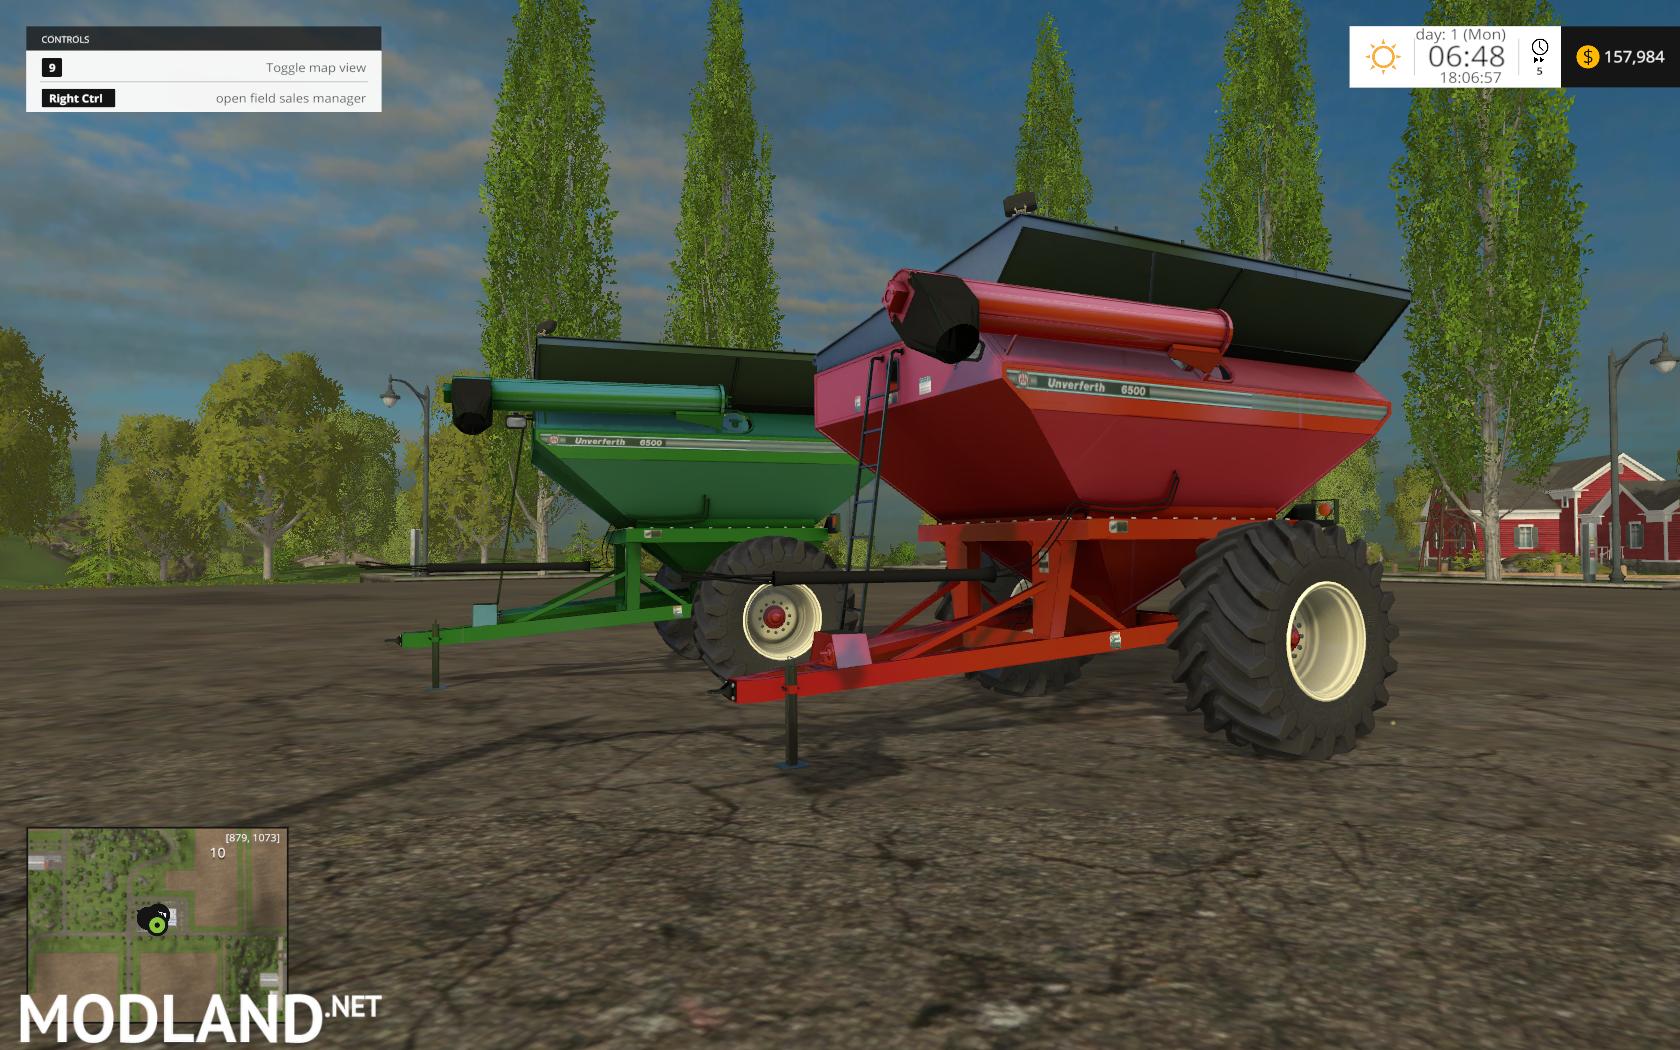 John Deere Air Seeder Pack V 1 0 Mod Farming Simulator 17 Auto Unverferth Wiring Diagram 6500 Grain Cart For 2015